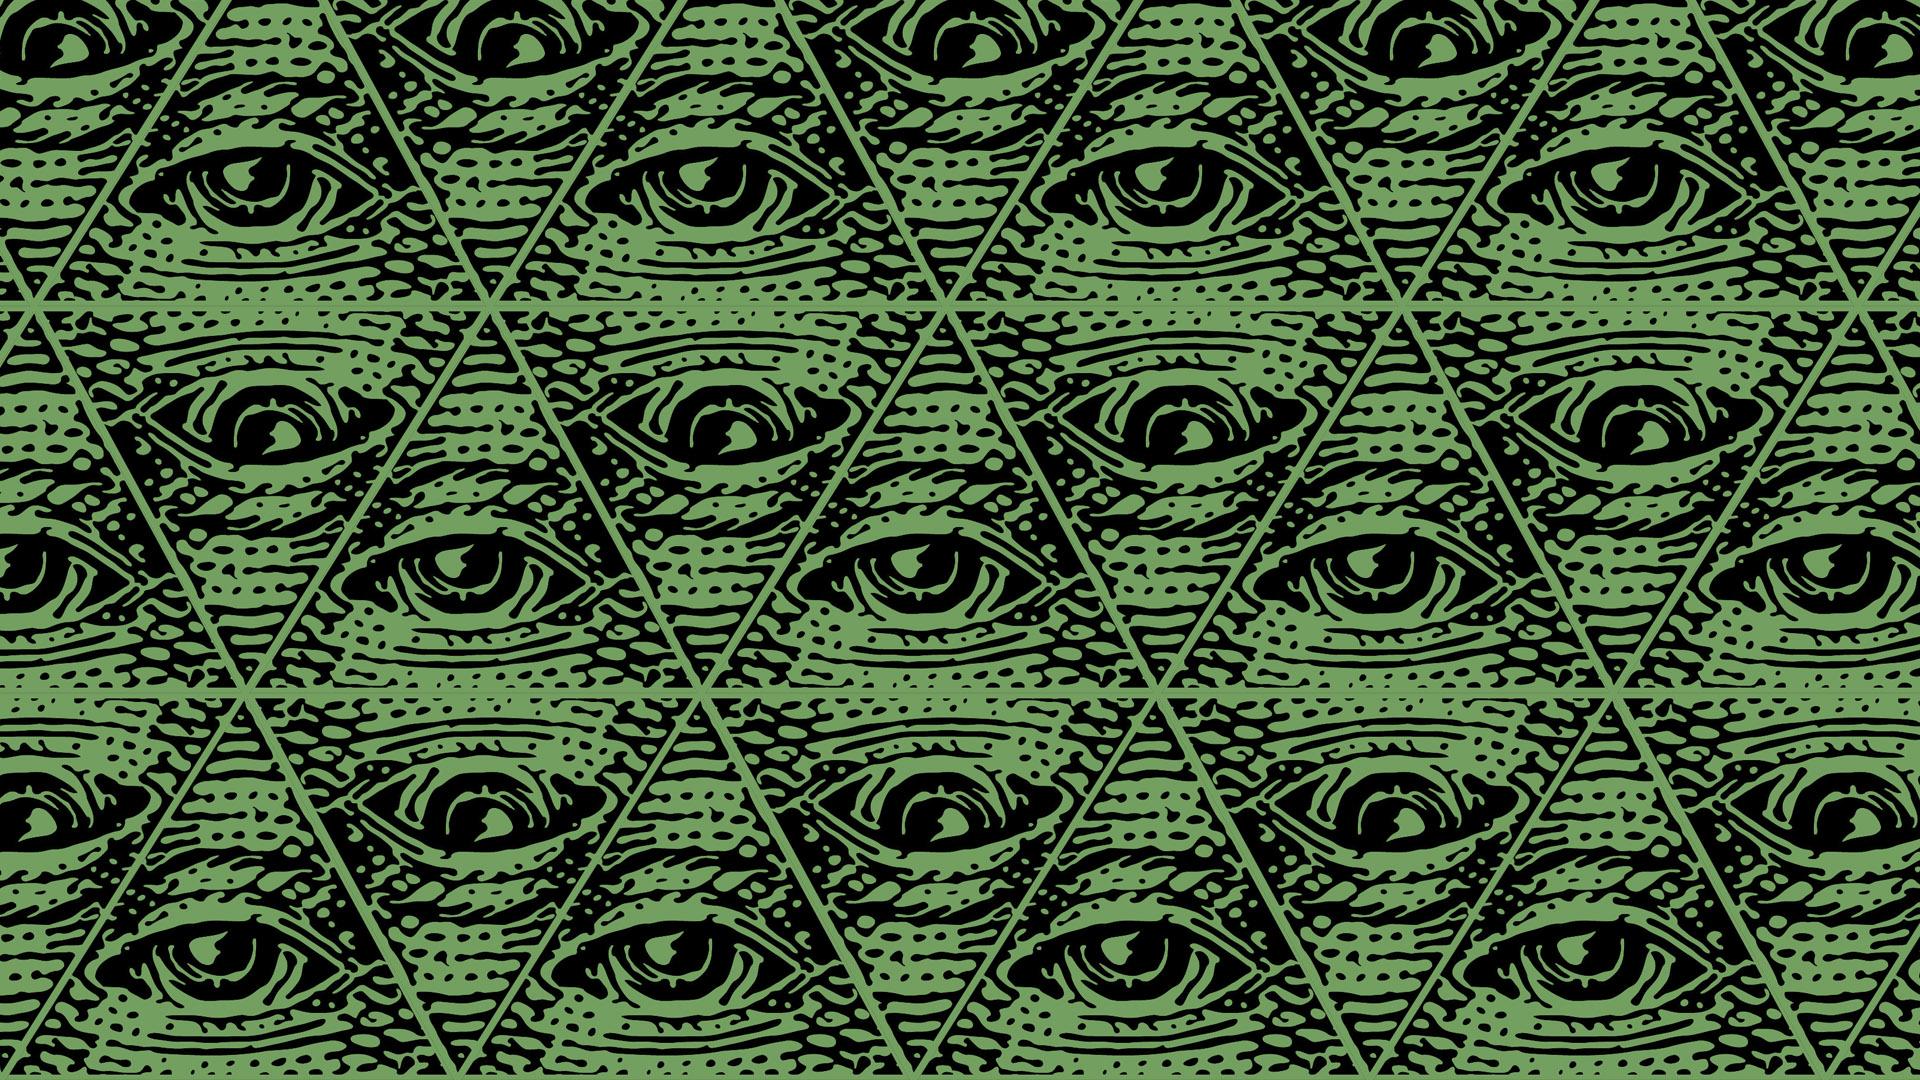 Illuminati Abstract Hd Wallpapers Illuminati Background